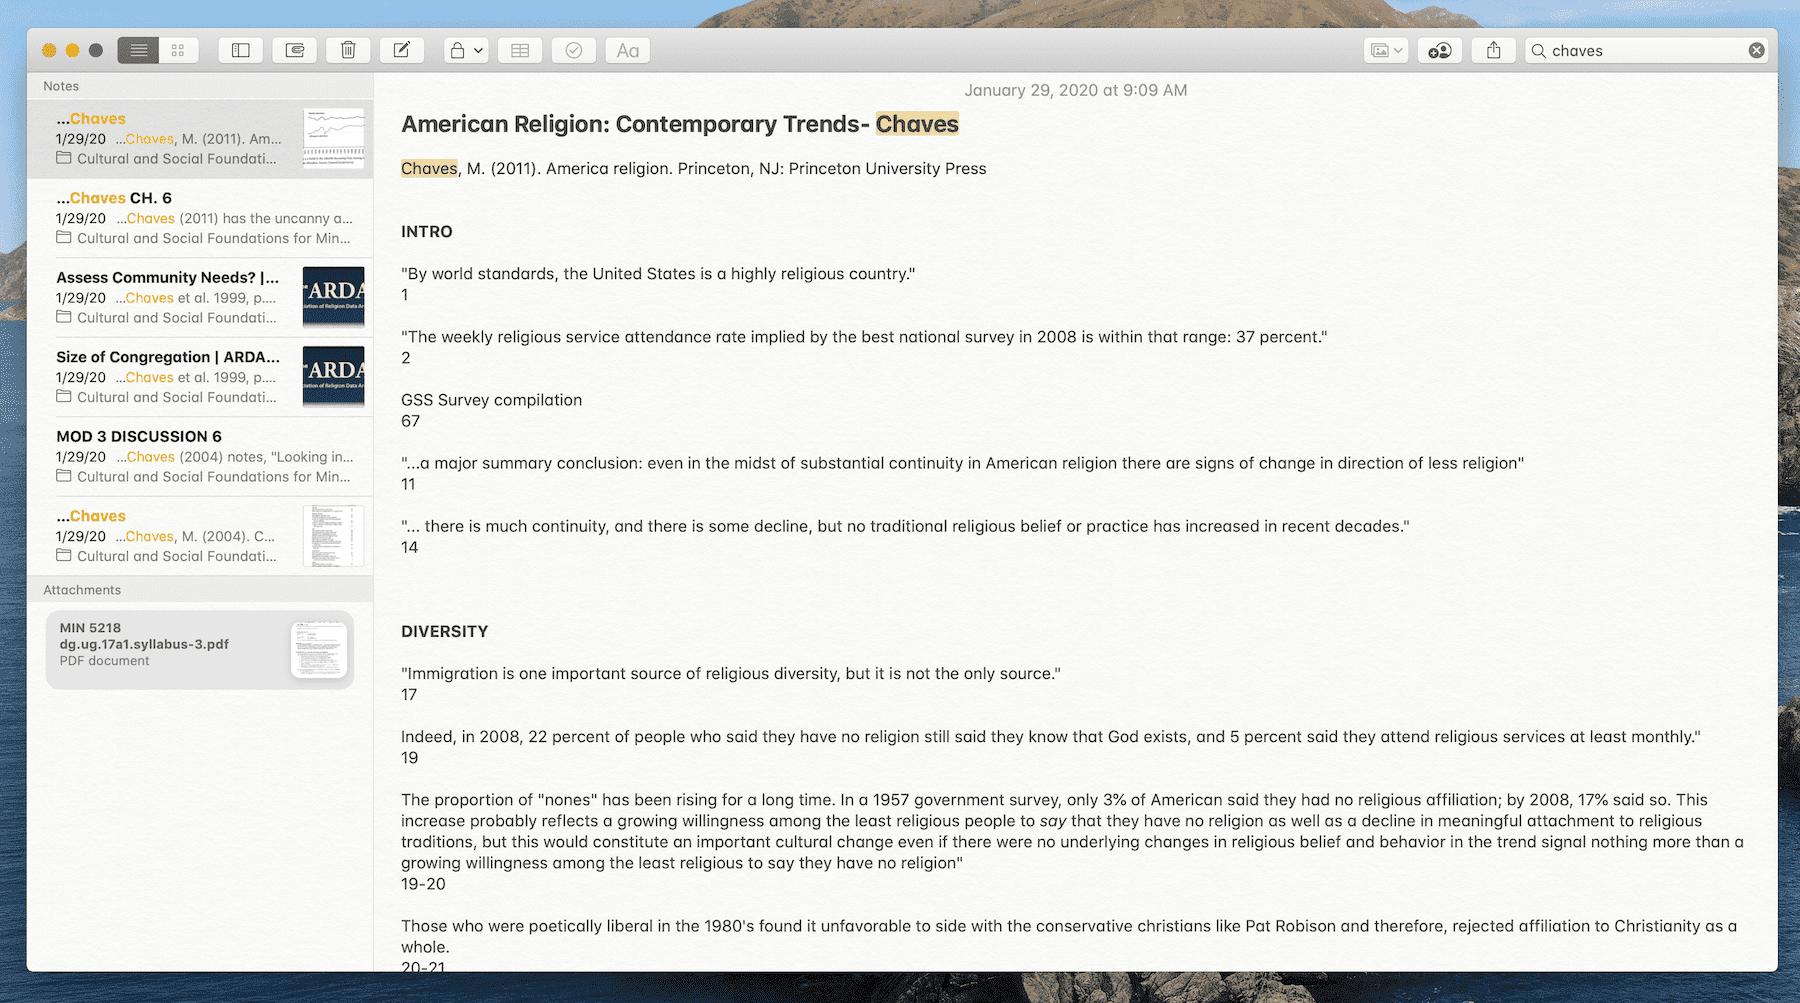 Chaves_screenshot_notes